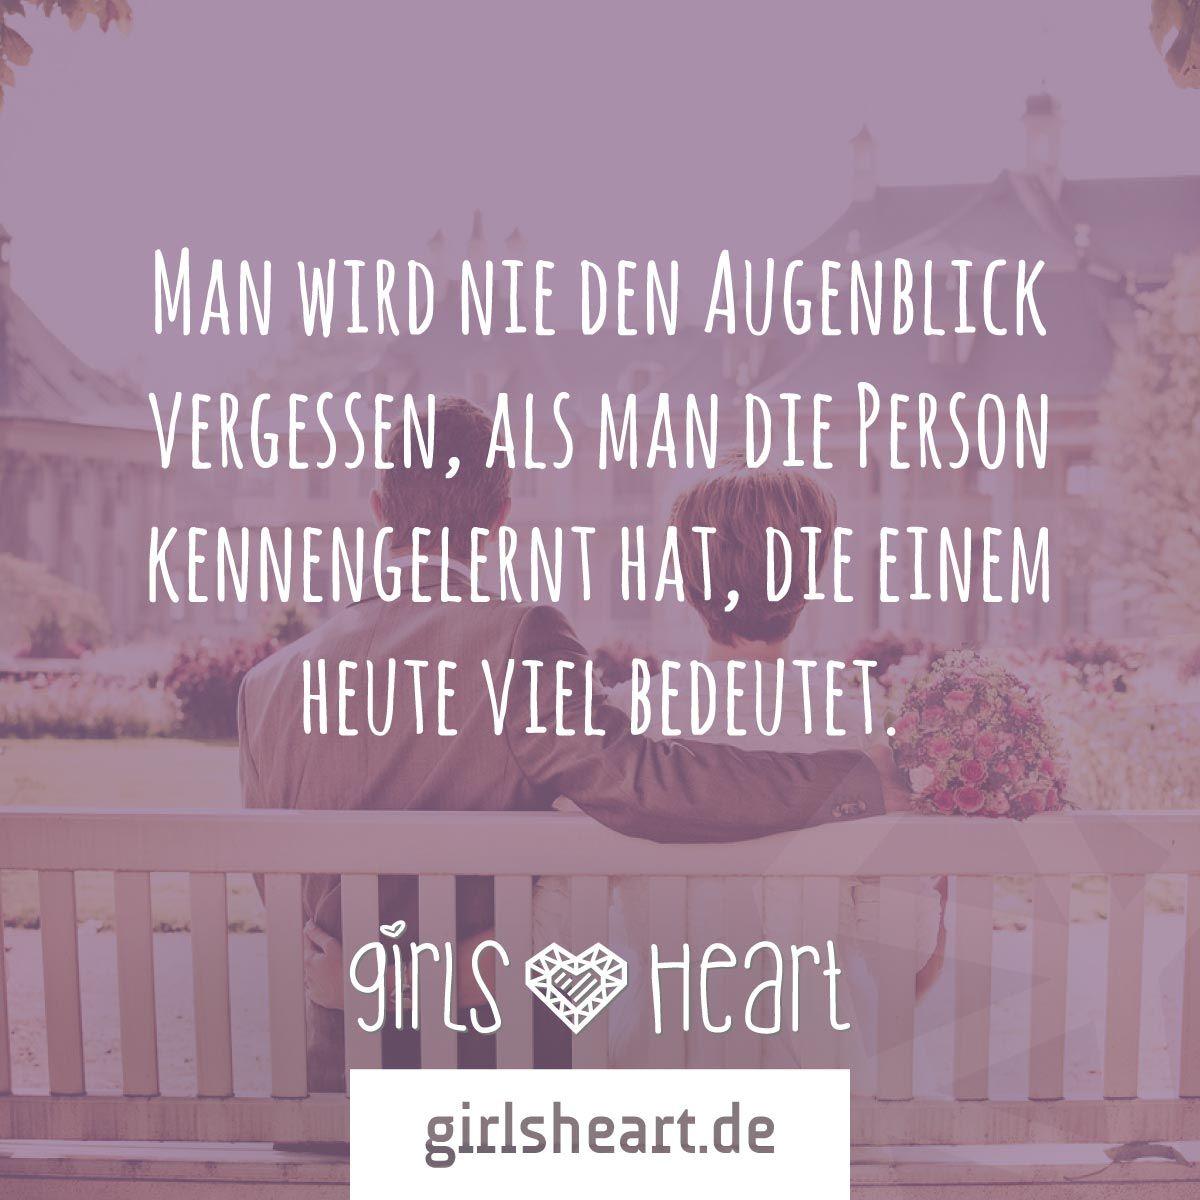 Mehr Sprüche Auf Www Girlsheart De Partner Liebe Erinnerung